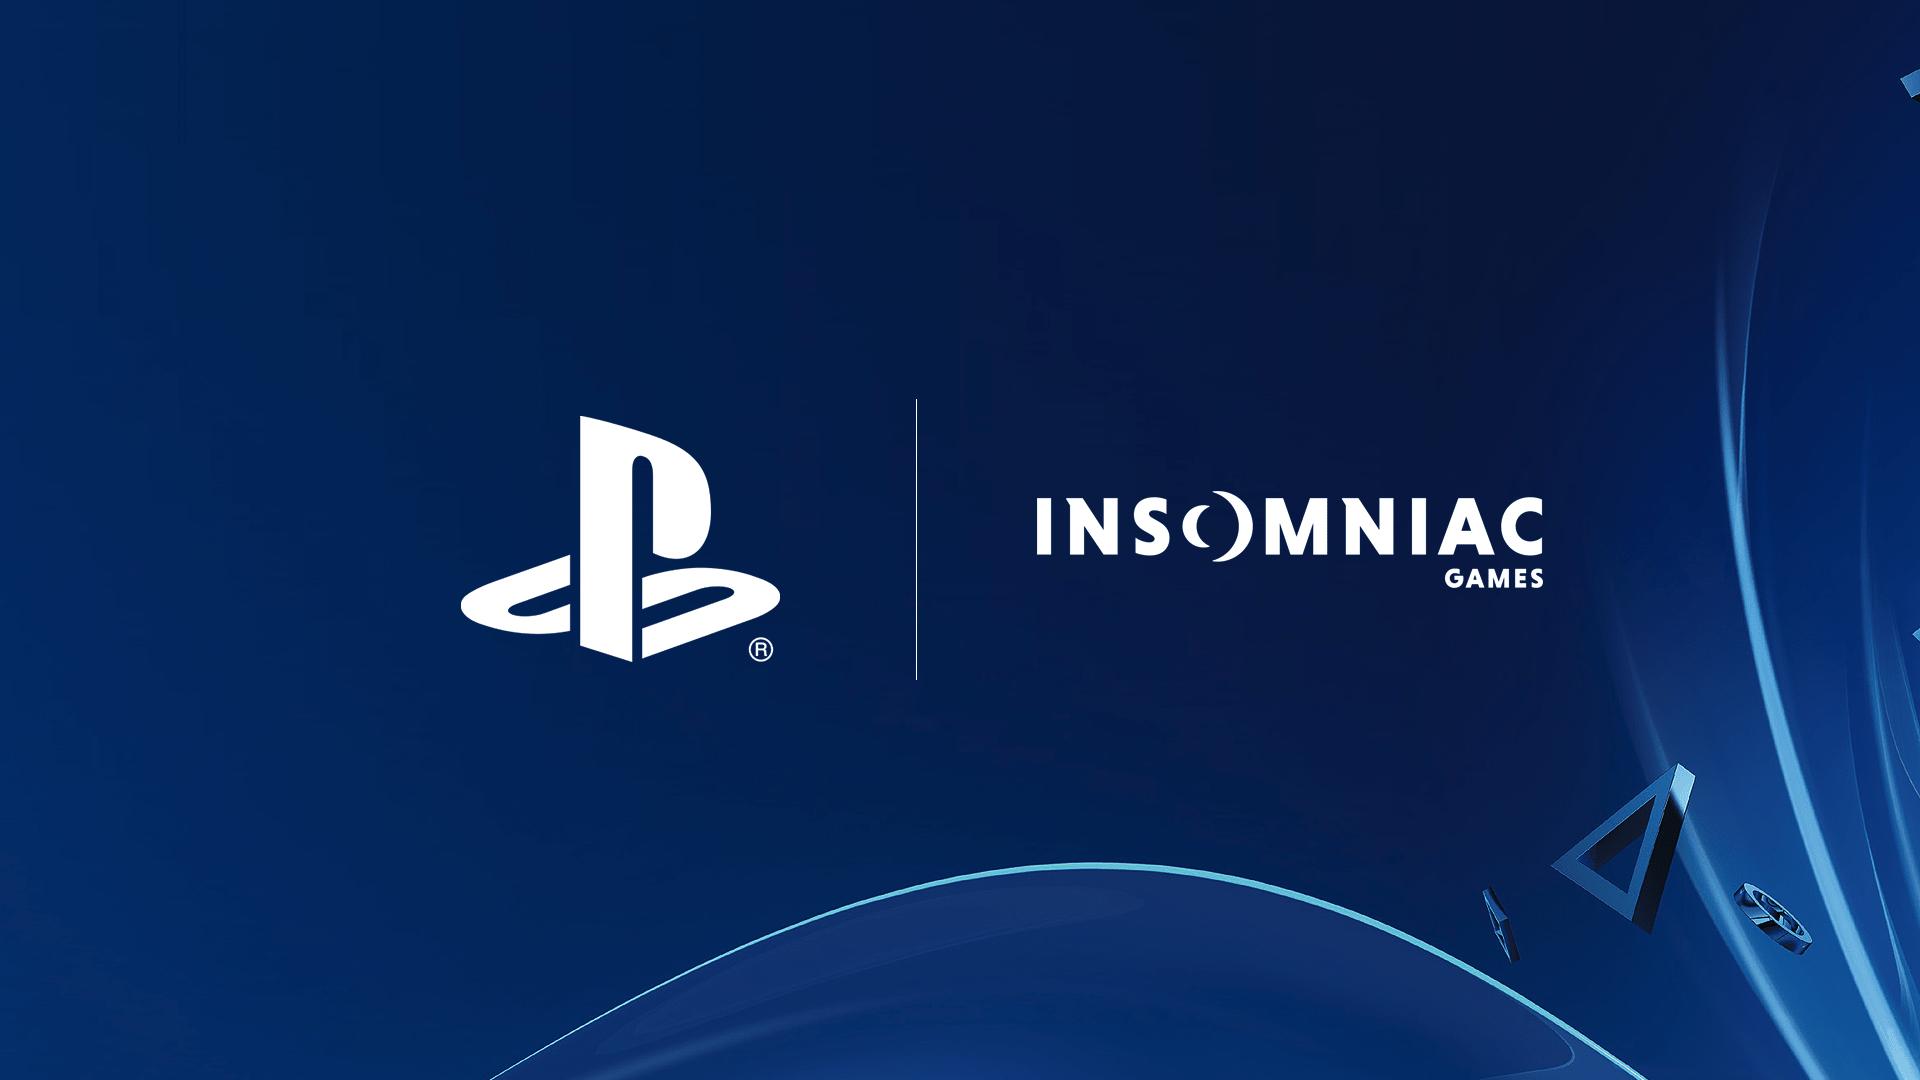 insomniac sony